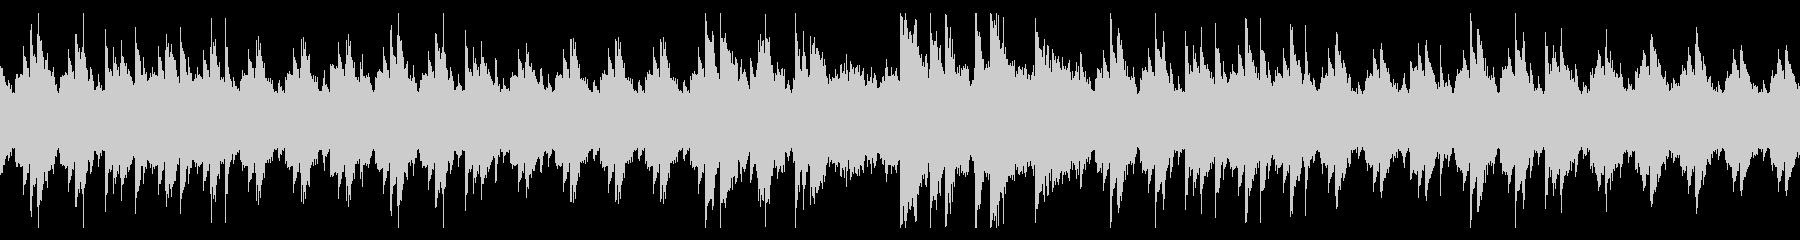 ピアノとバイオリンの悲しいBGM・ループの未再生の波形